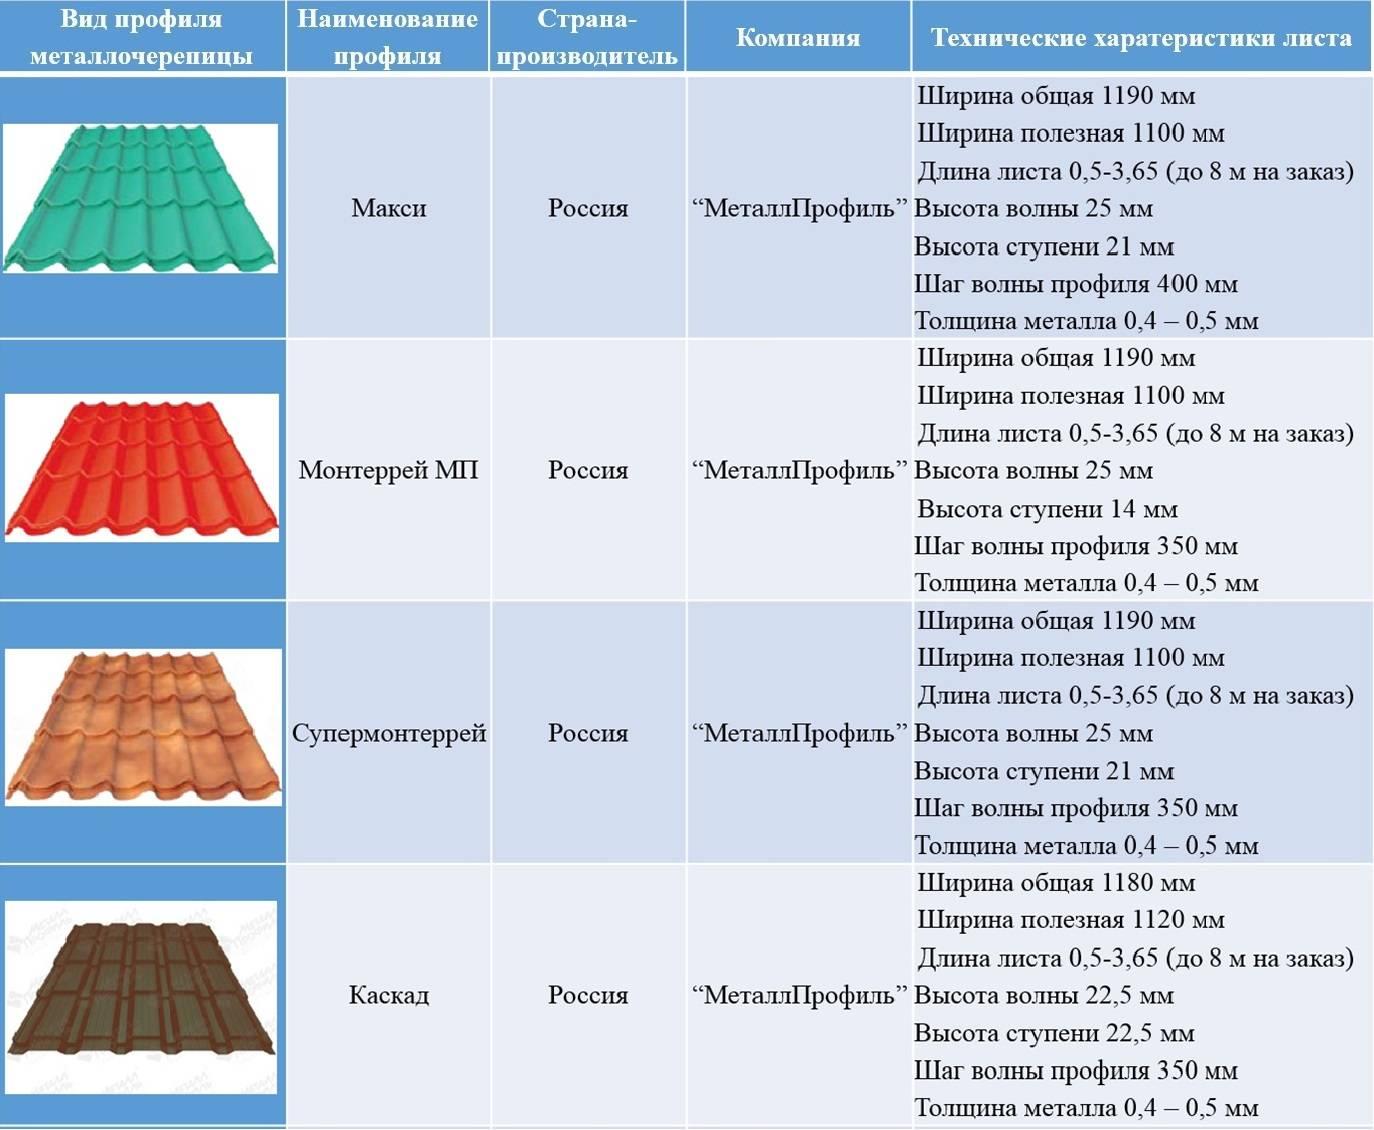 Чем лучше накрыть крышу дома: характеристики материалов